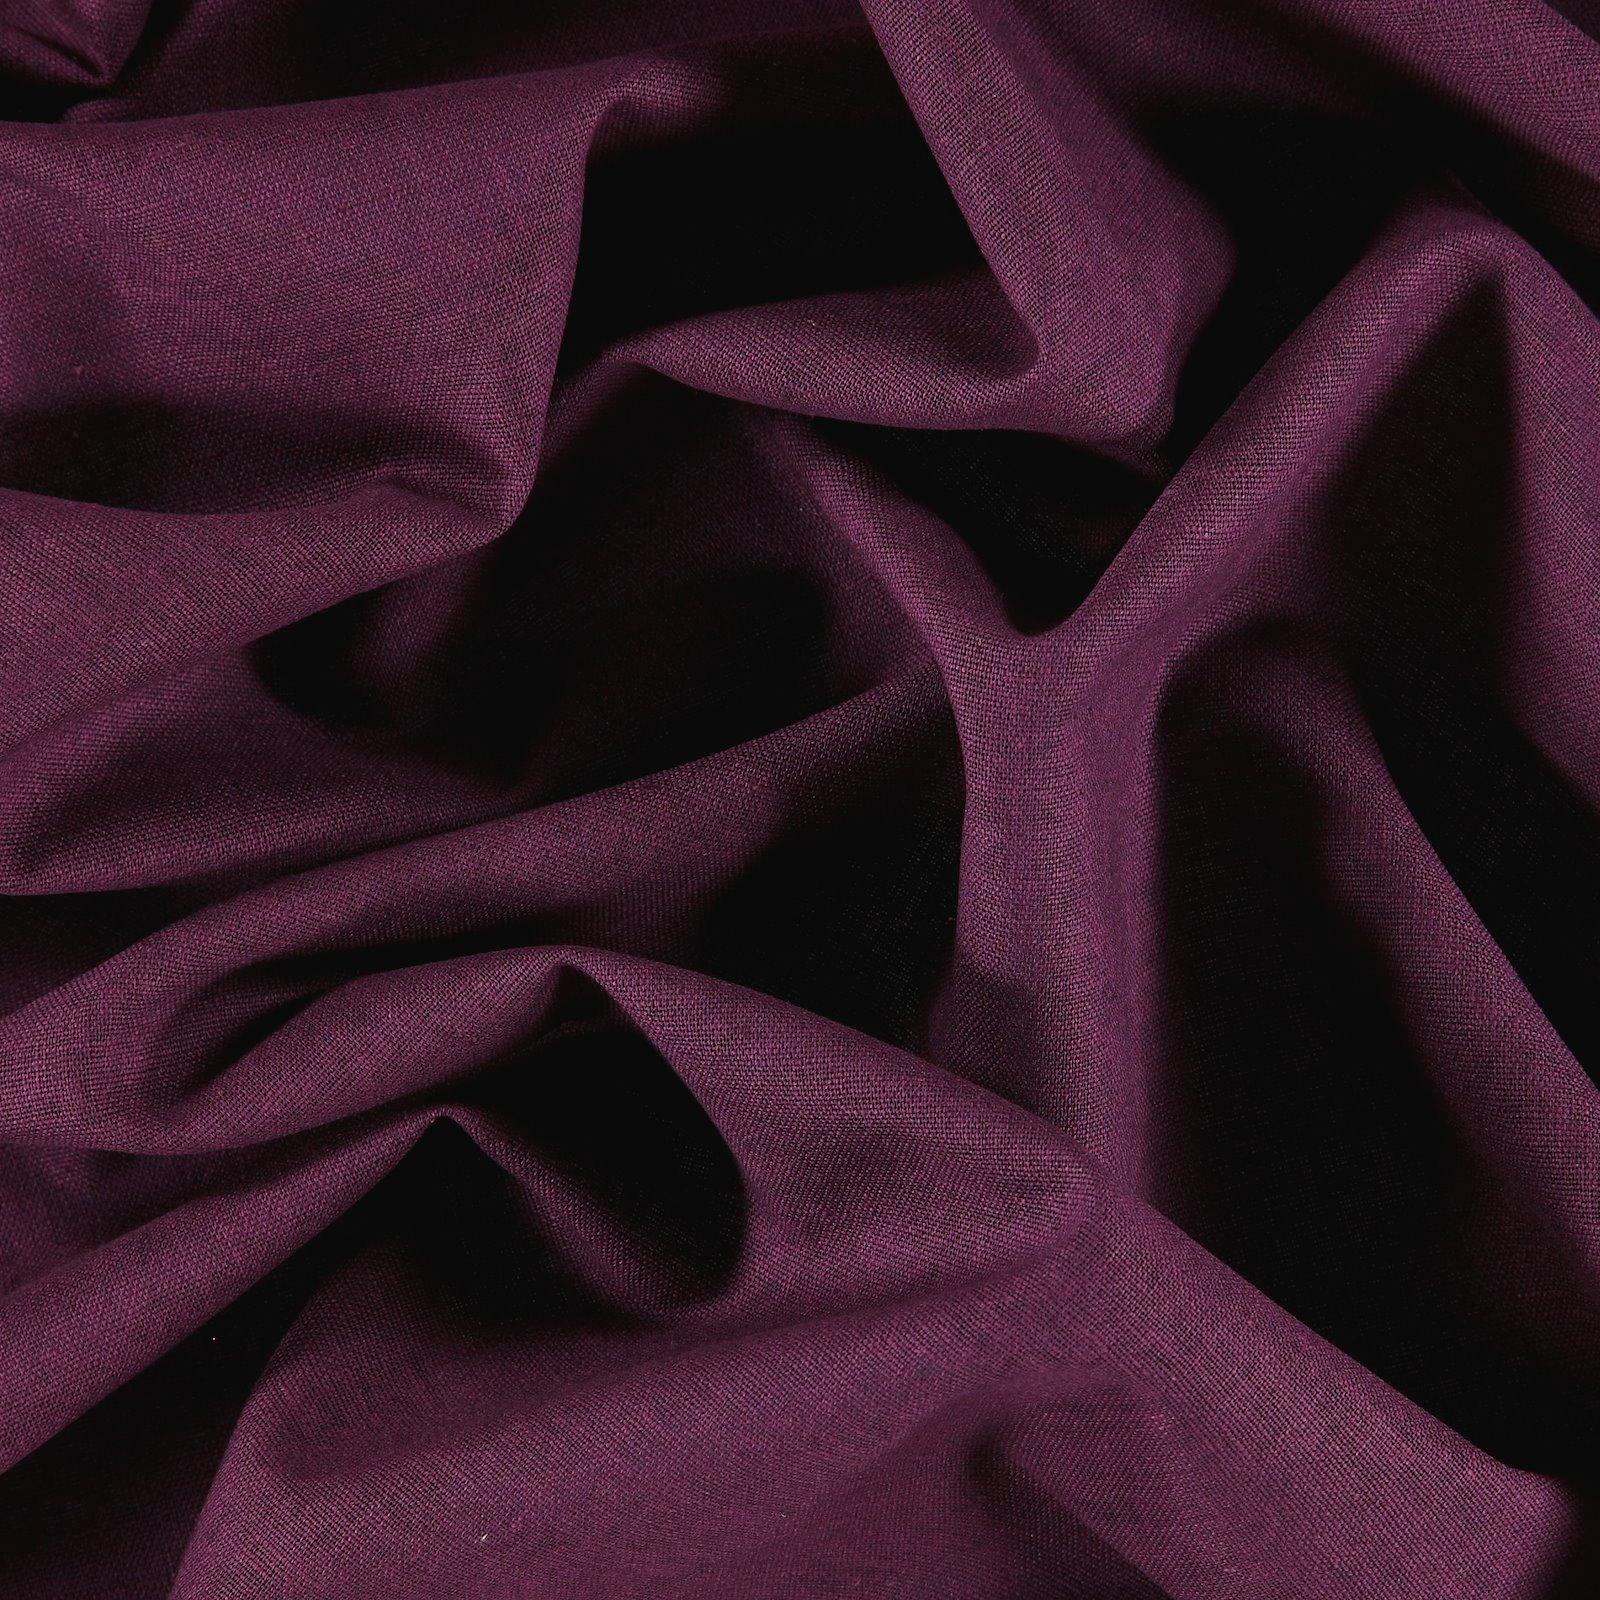 Linen/cotton light eggplant 410127_pack